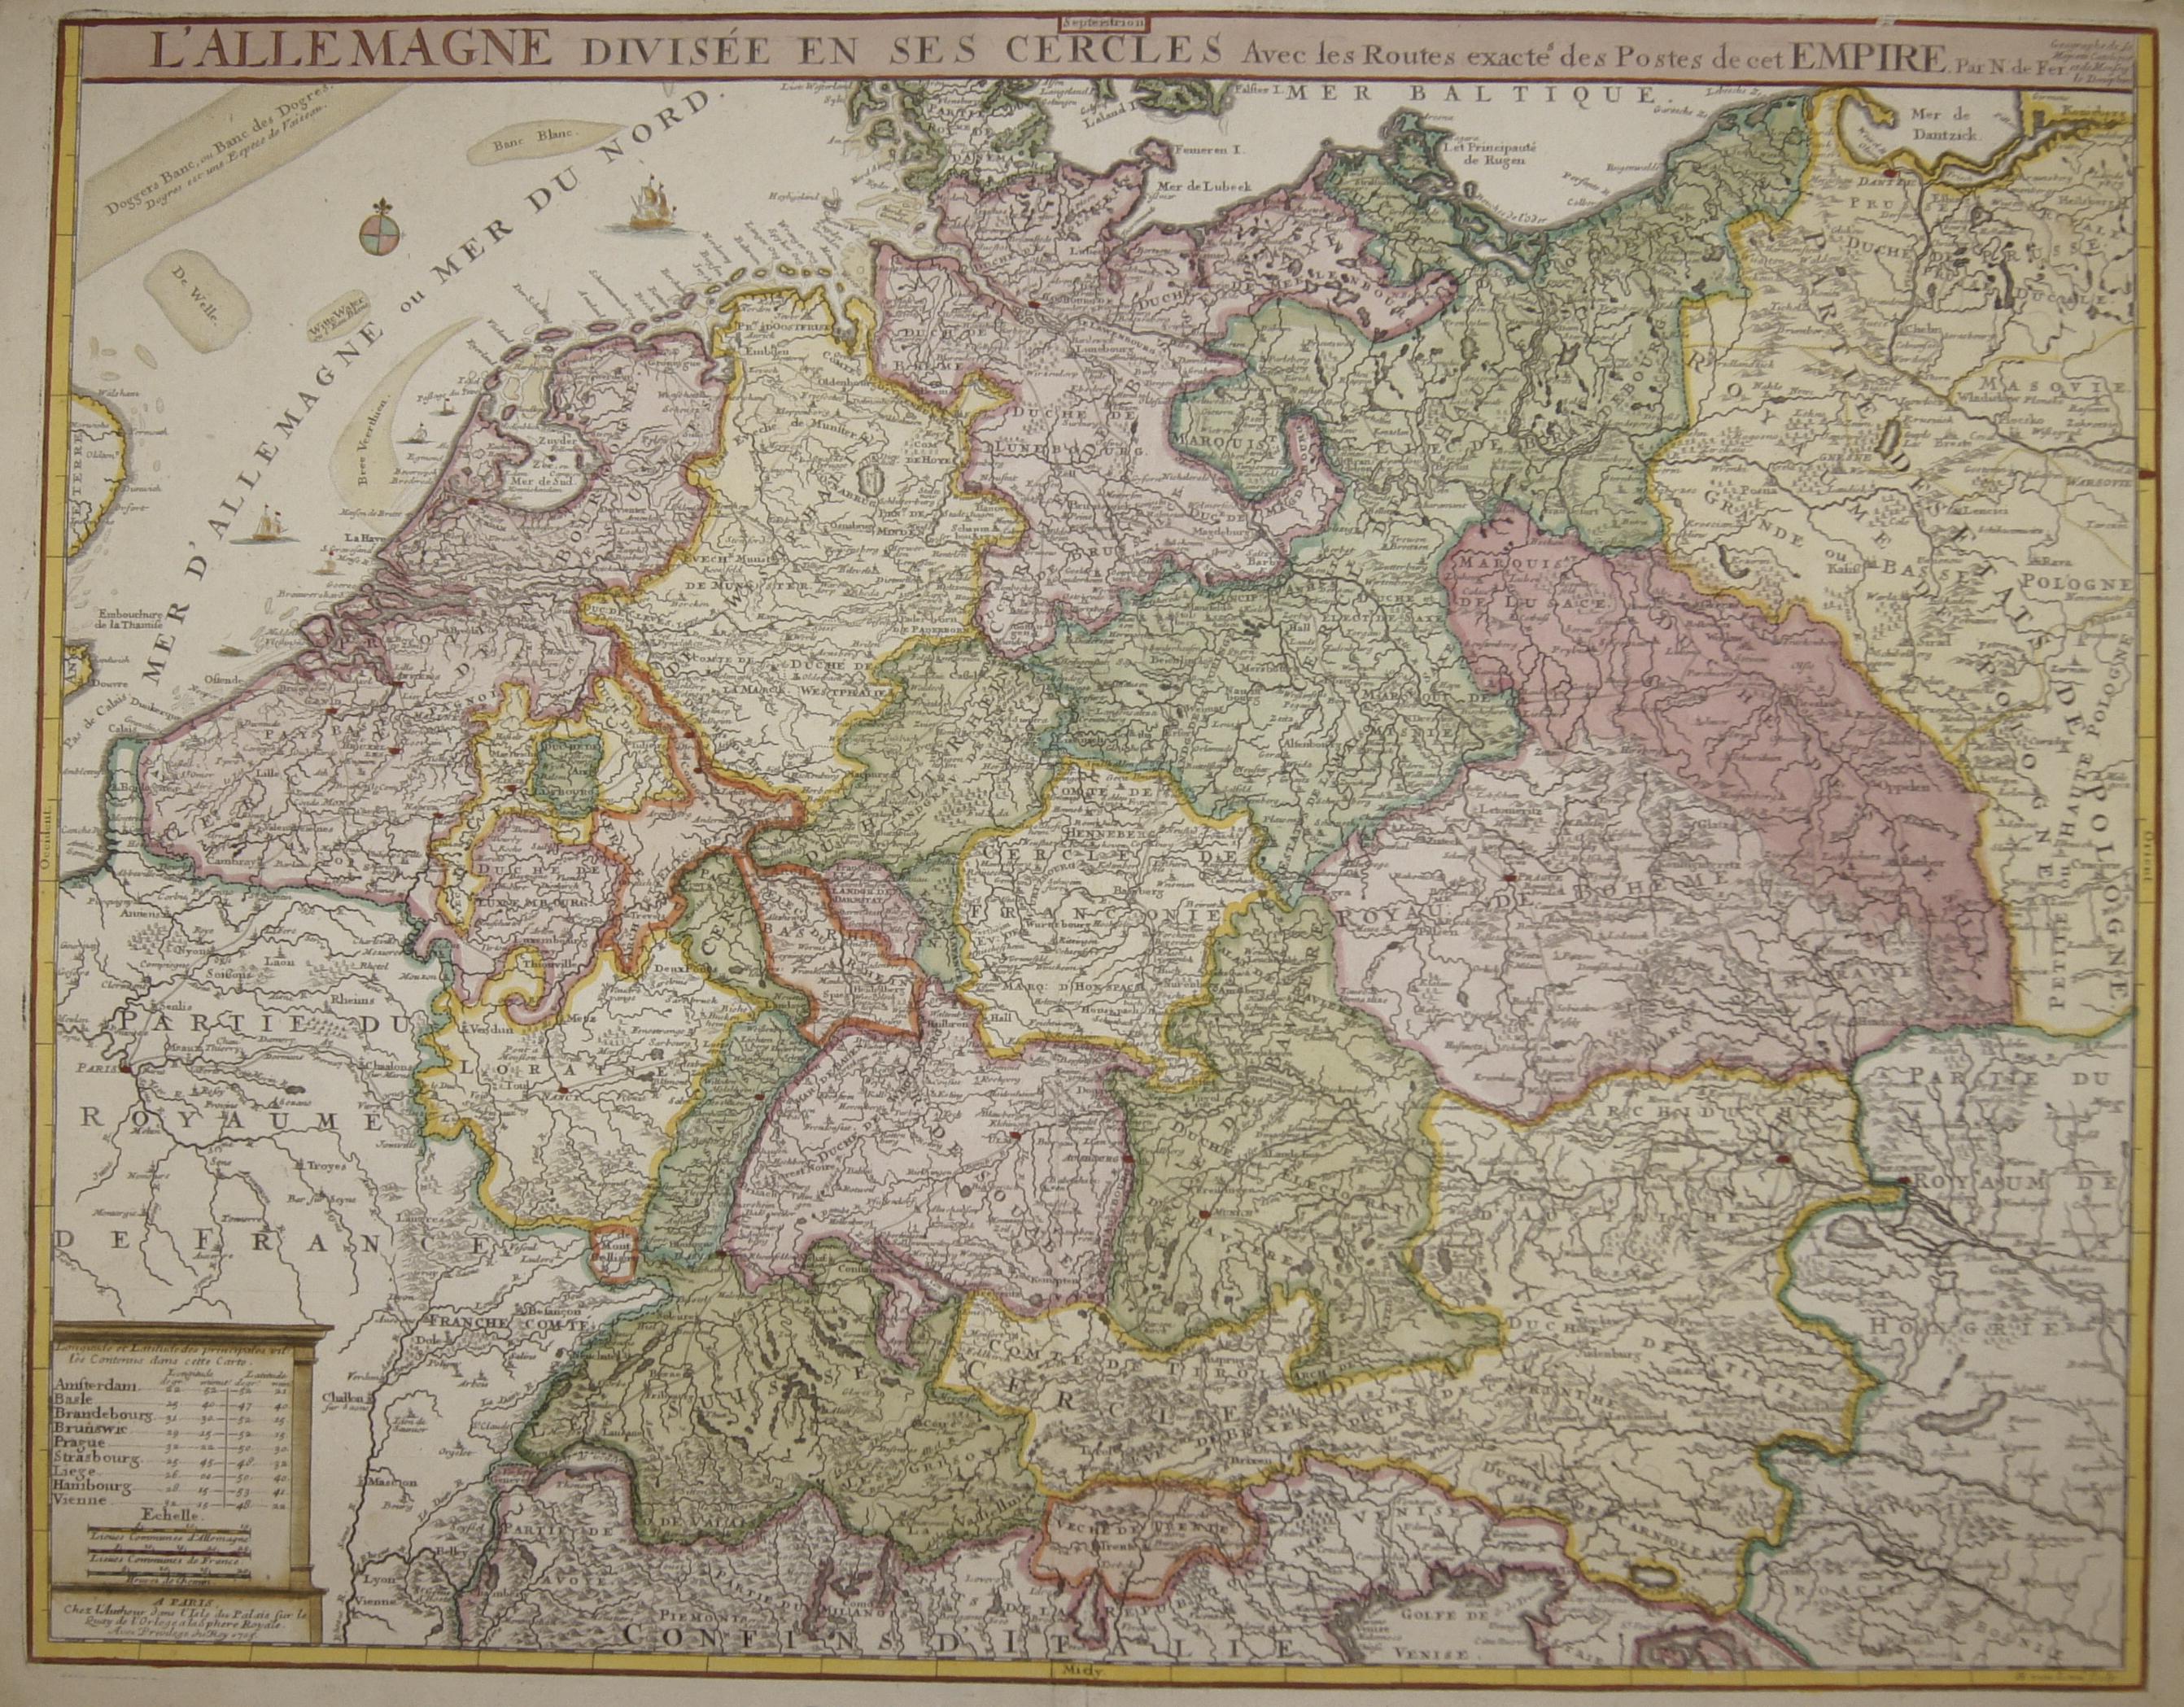 Fer, de Nicolas L'Allemagne divisèe en ses Cercles avec les Routes exactes des Postes de cet Empire.